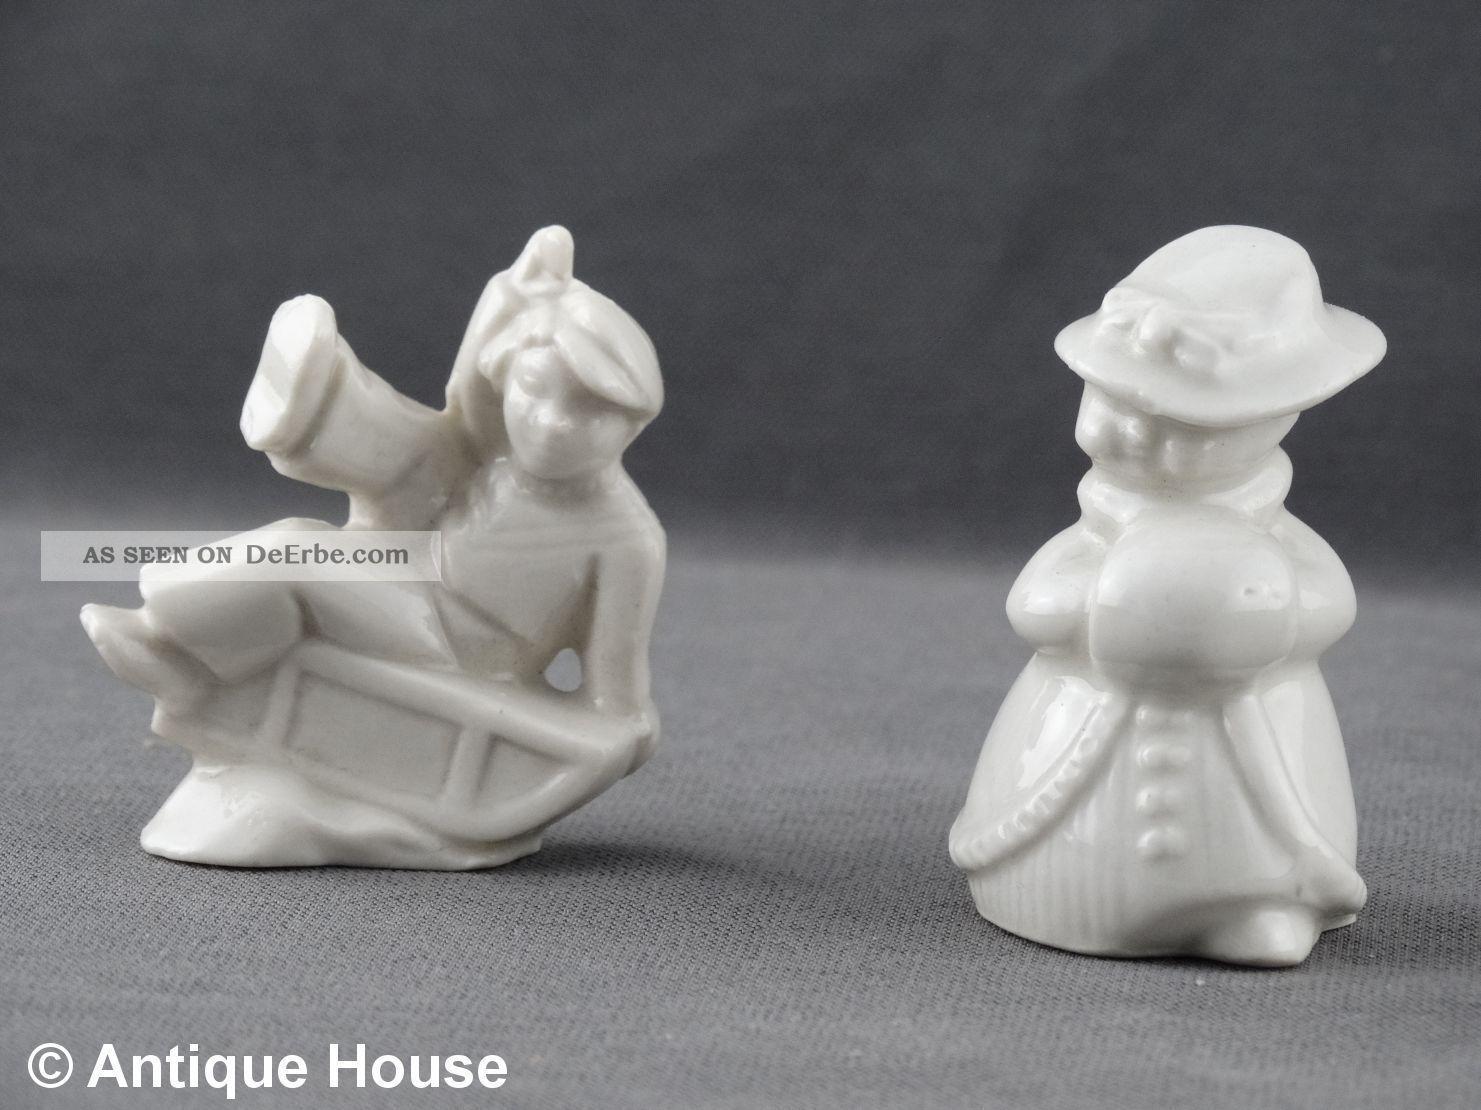 2 Kleine Porzellanfiguren Weiß Unbemalt Schlittenfahrer Und Dame Mit Muff Nach Form & Funktion Bild